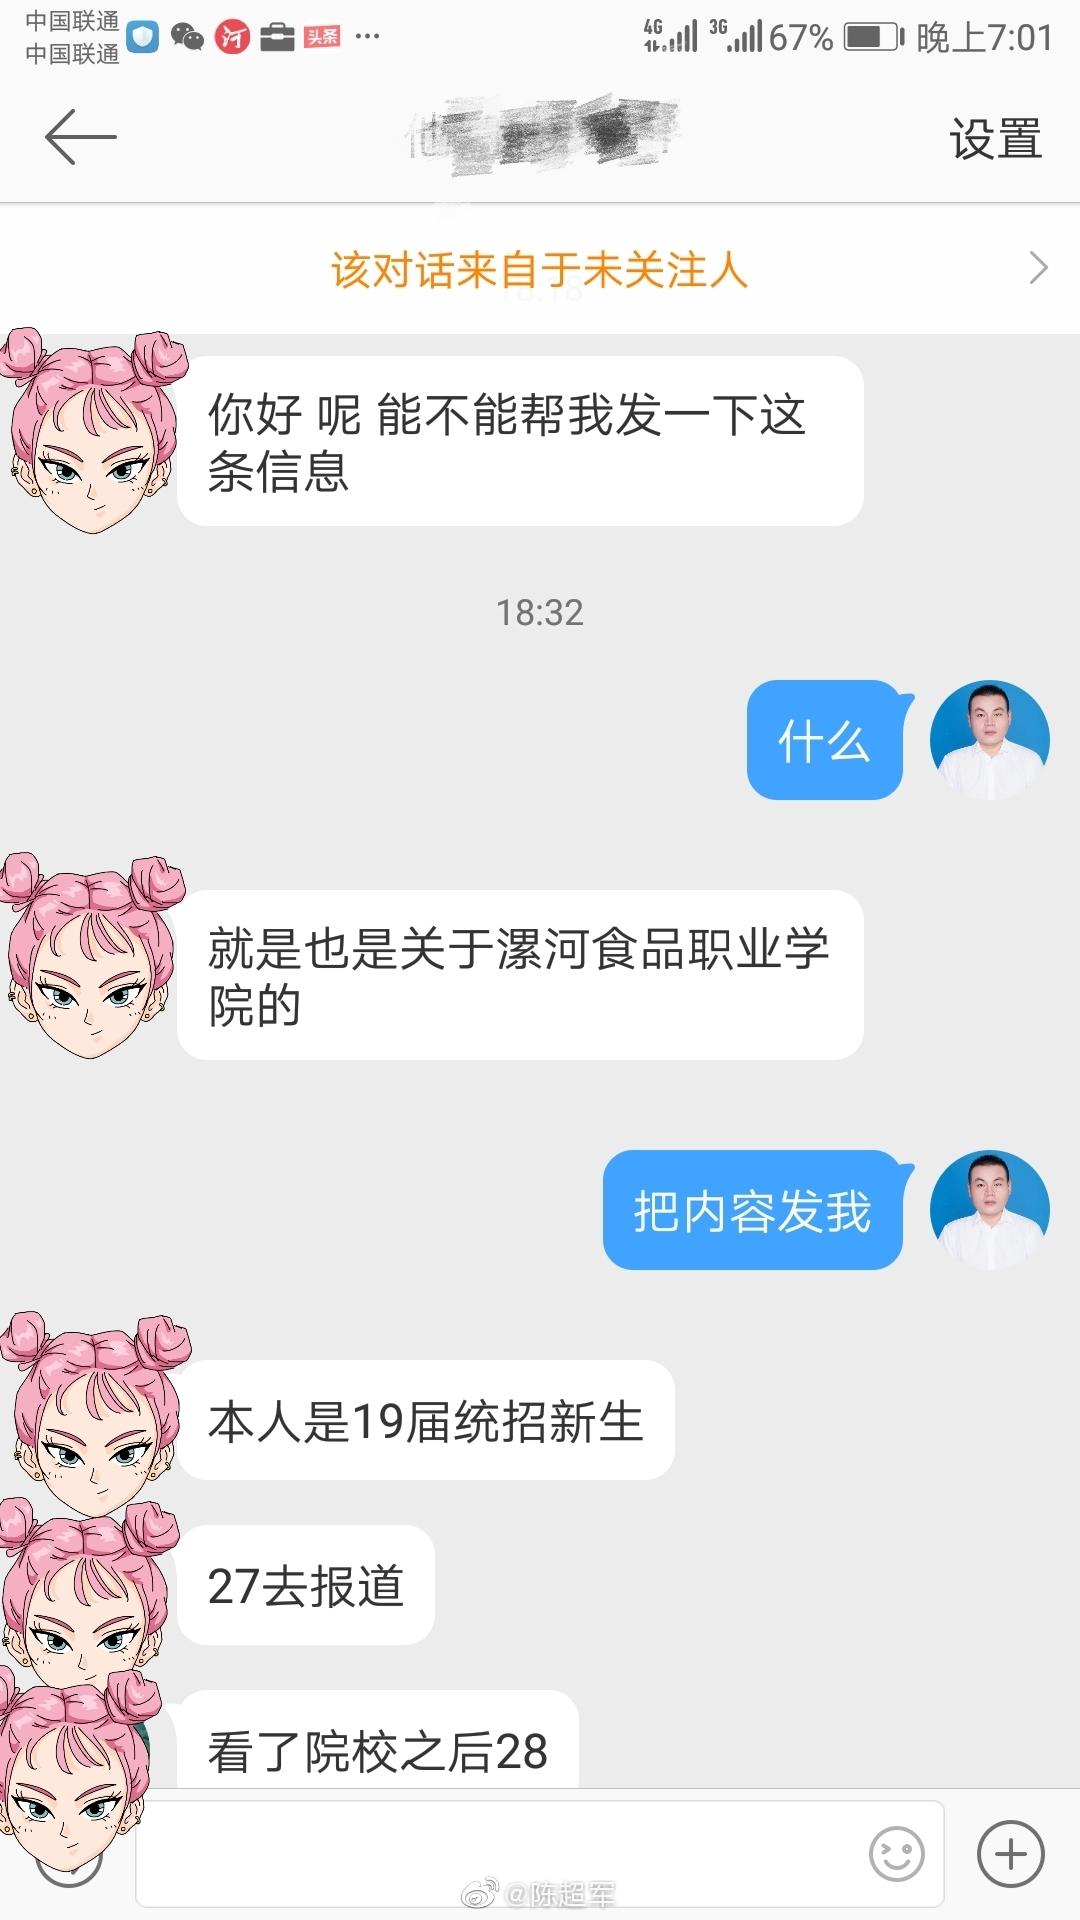 网友投稿:本人是漯河食品职业学院19届统招新生,27去报道